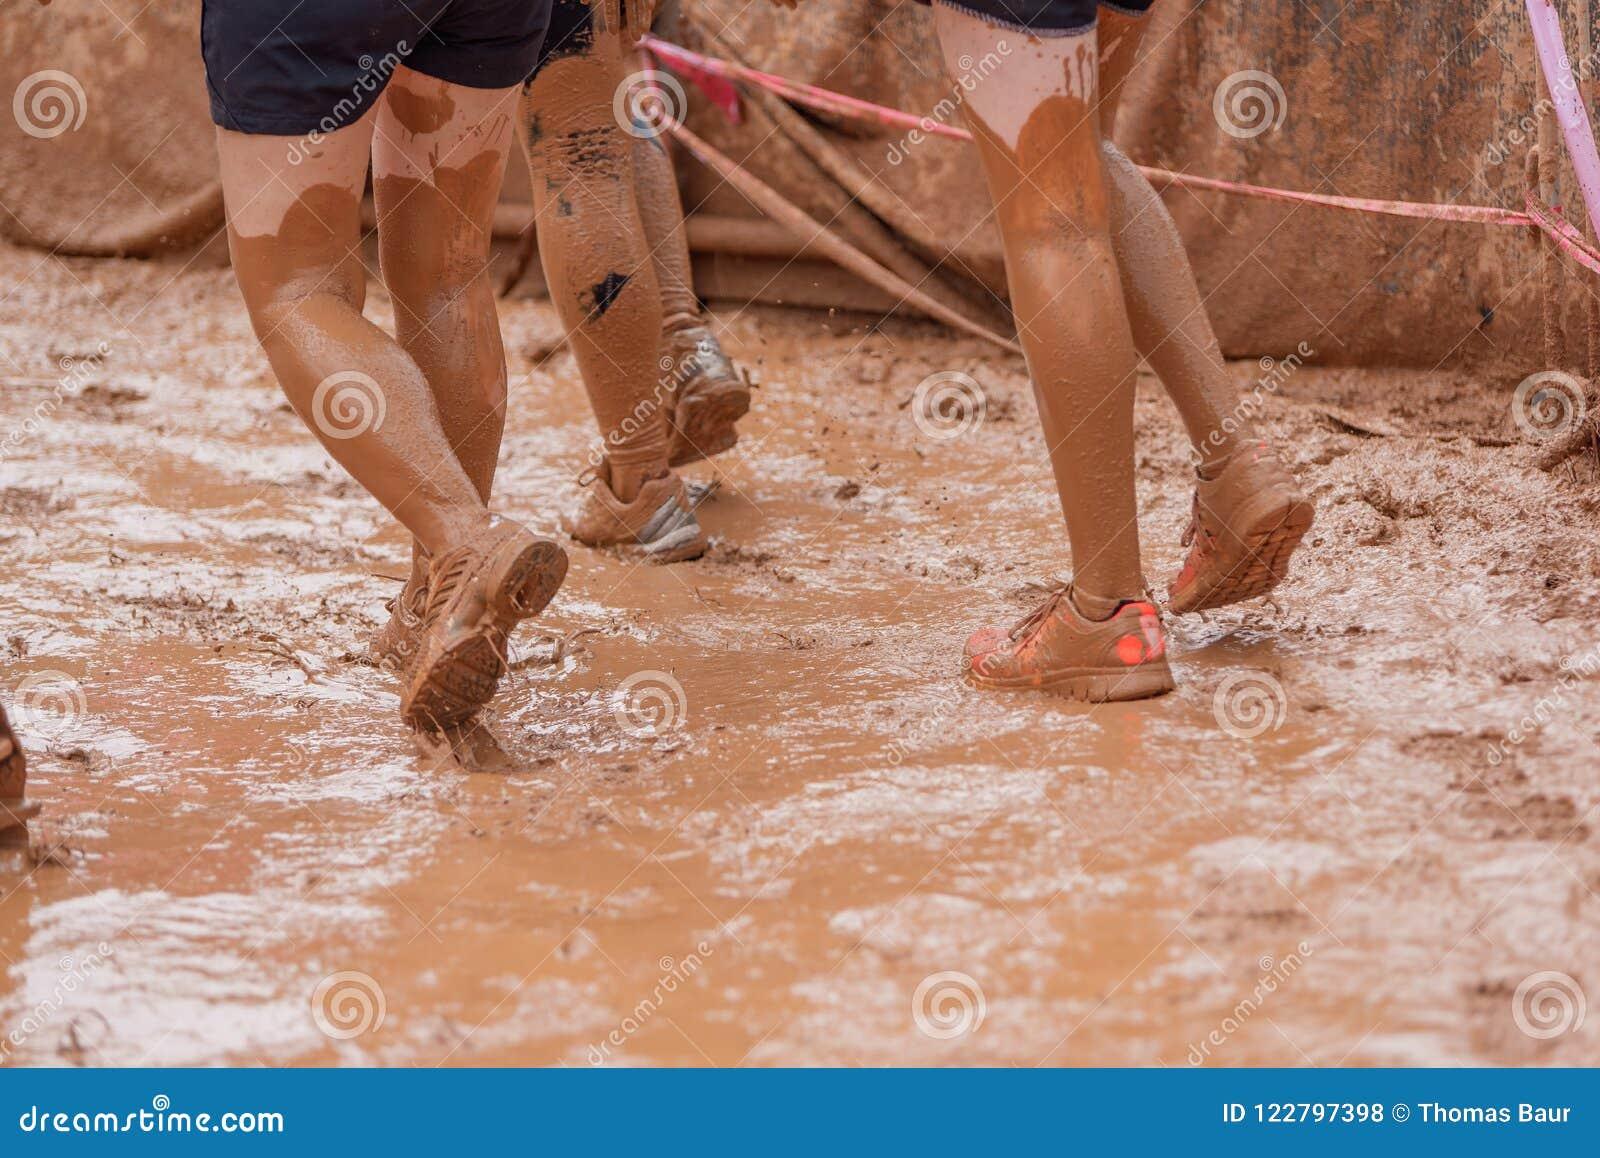 Mujeres del corredor de raza del fango que se arrastran en el fango bajo obstáculos